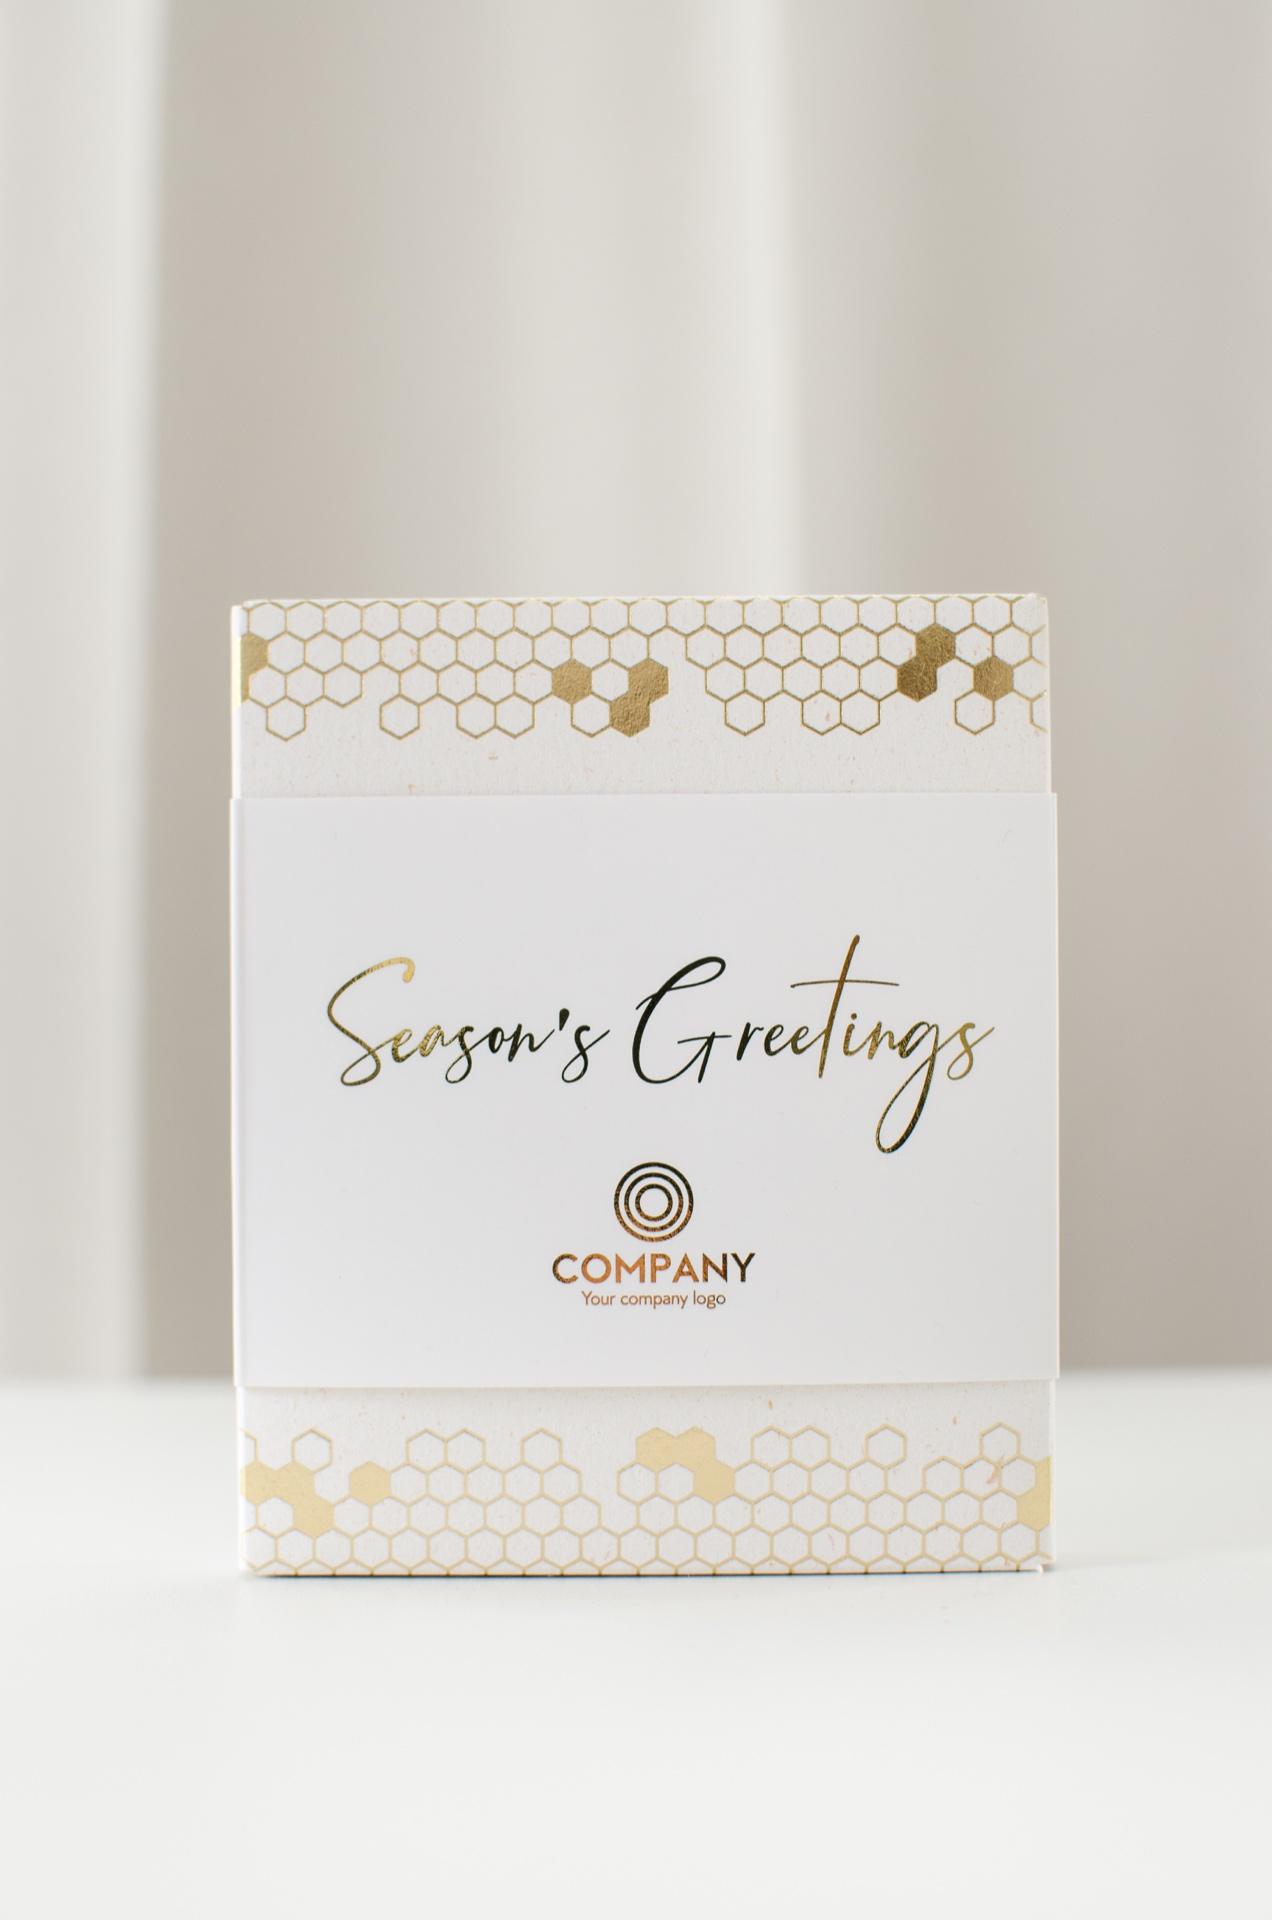 Nordic Honey_Ärikingitused_Firmakingitused_Jõulukingitused_Eritellimused_Logoga kingitused_Kingiideed jõuludeks